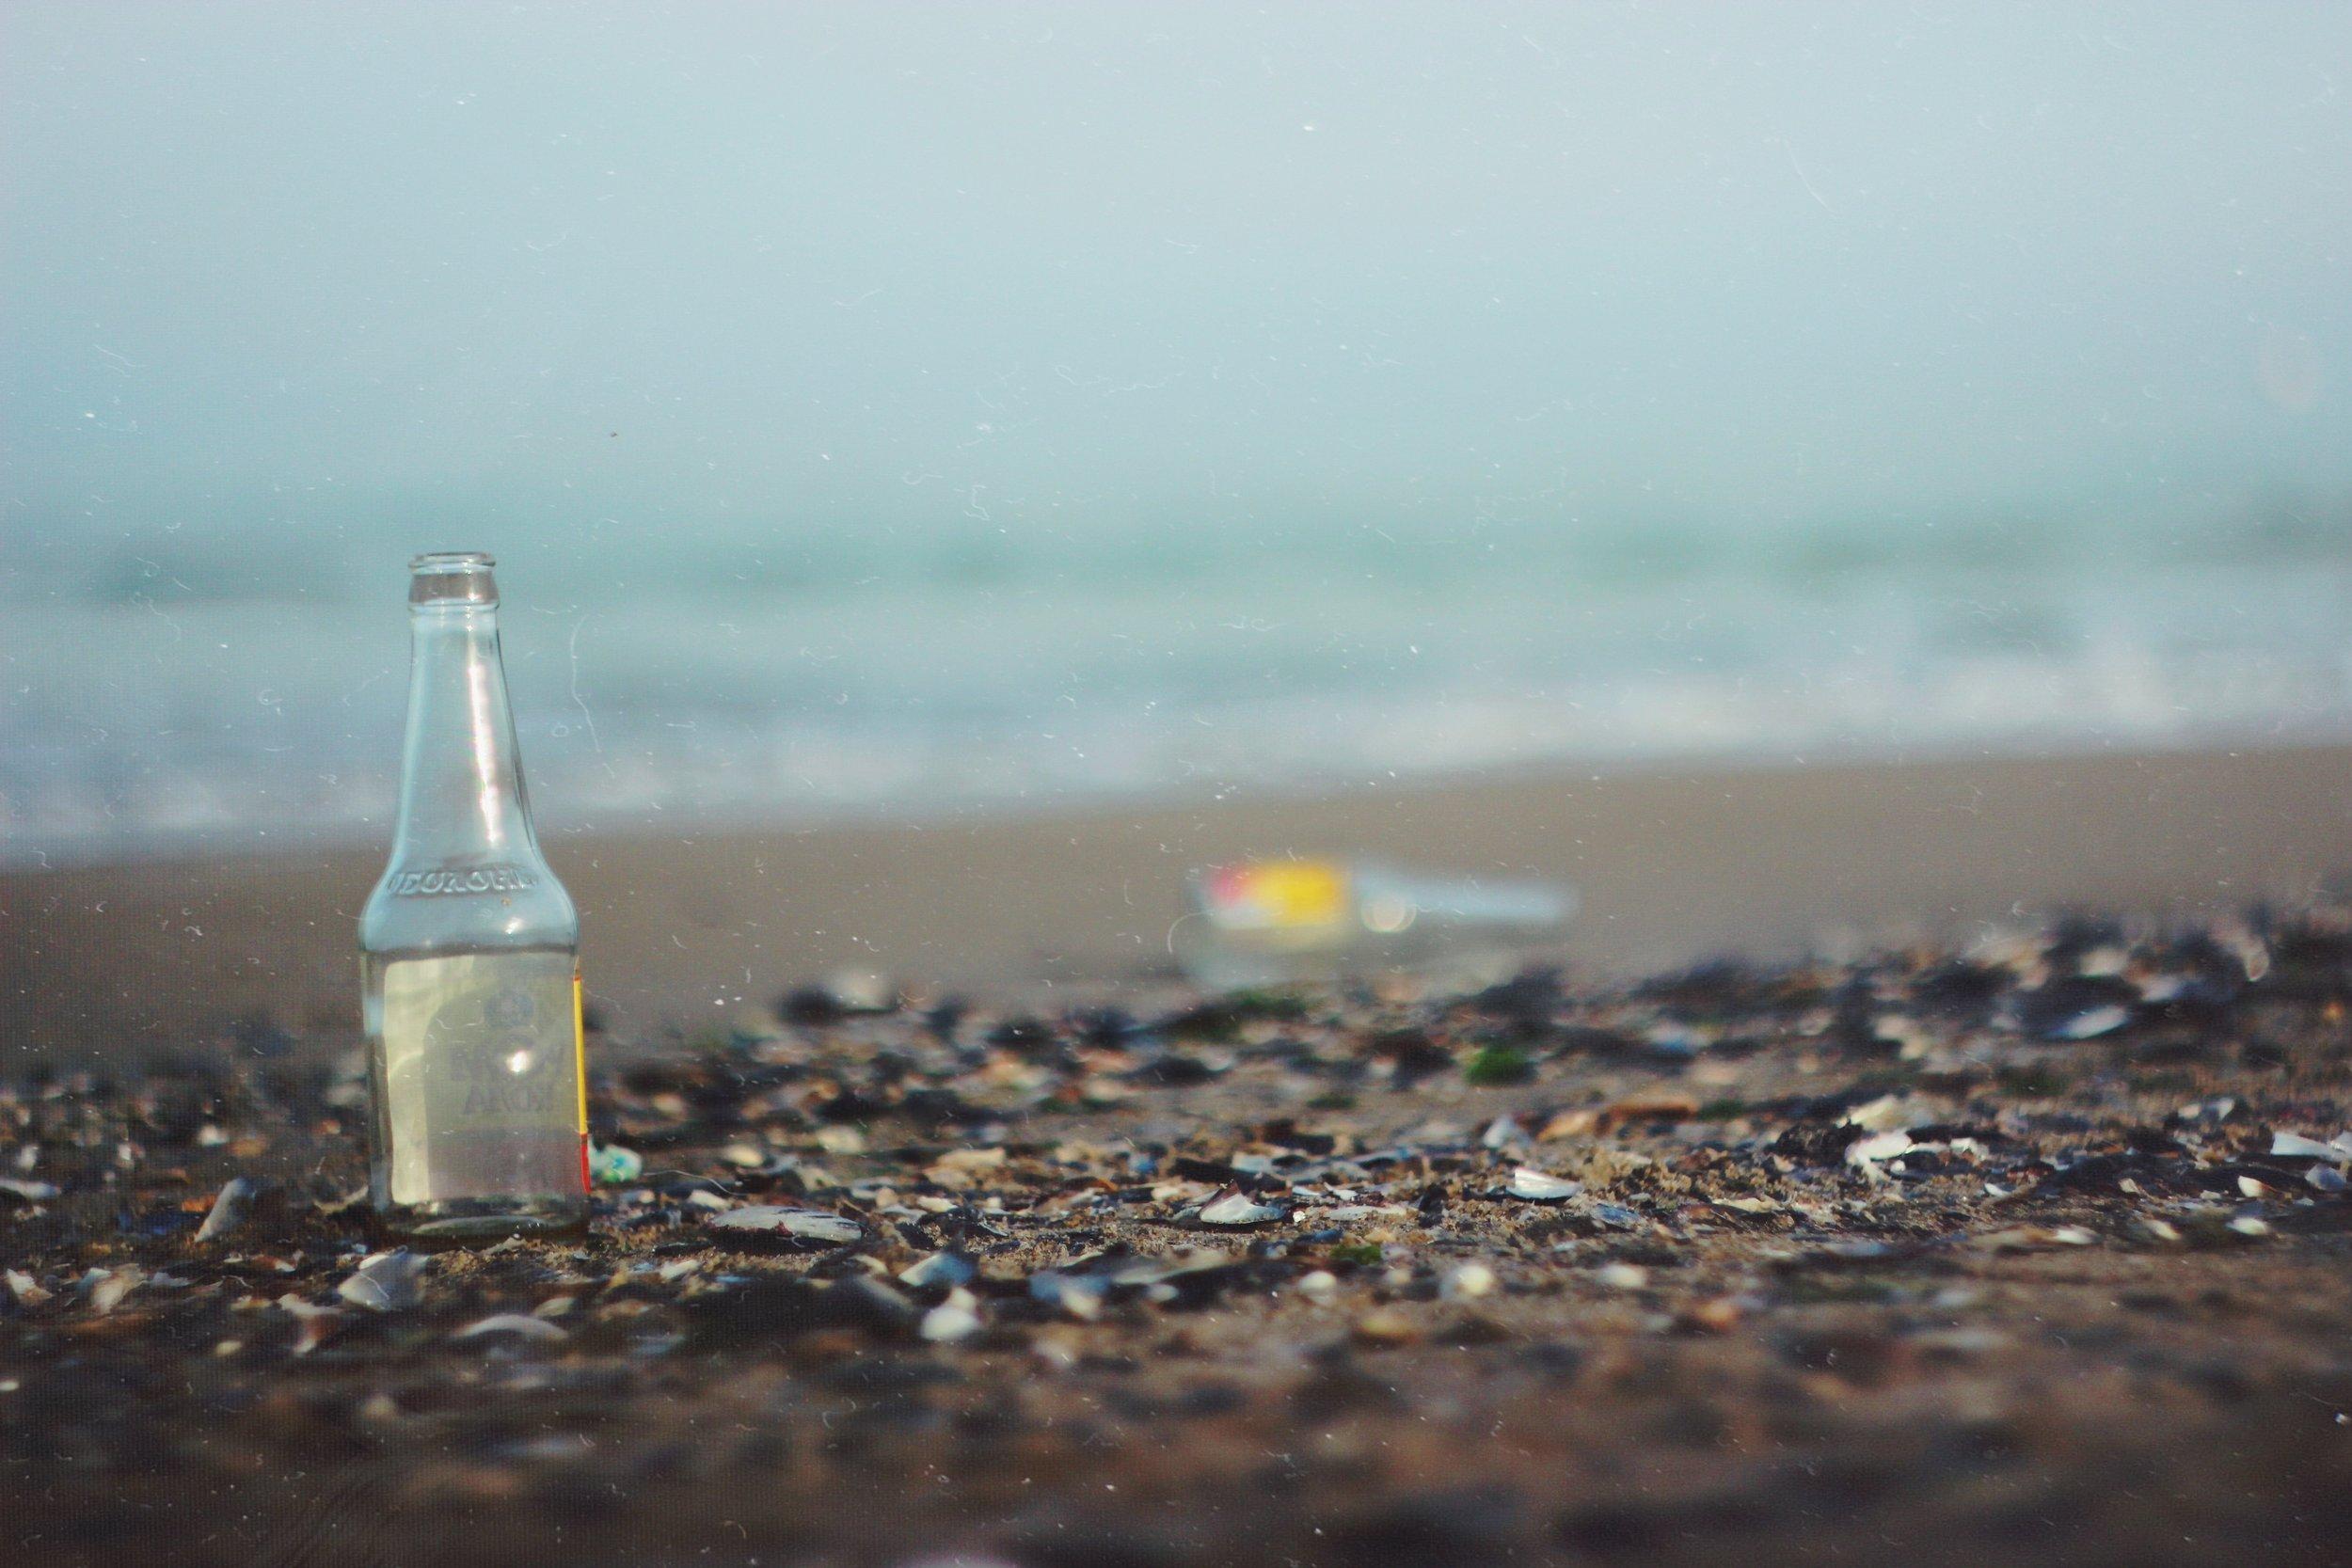 beach litter clean up